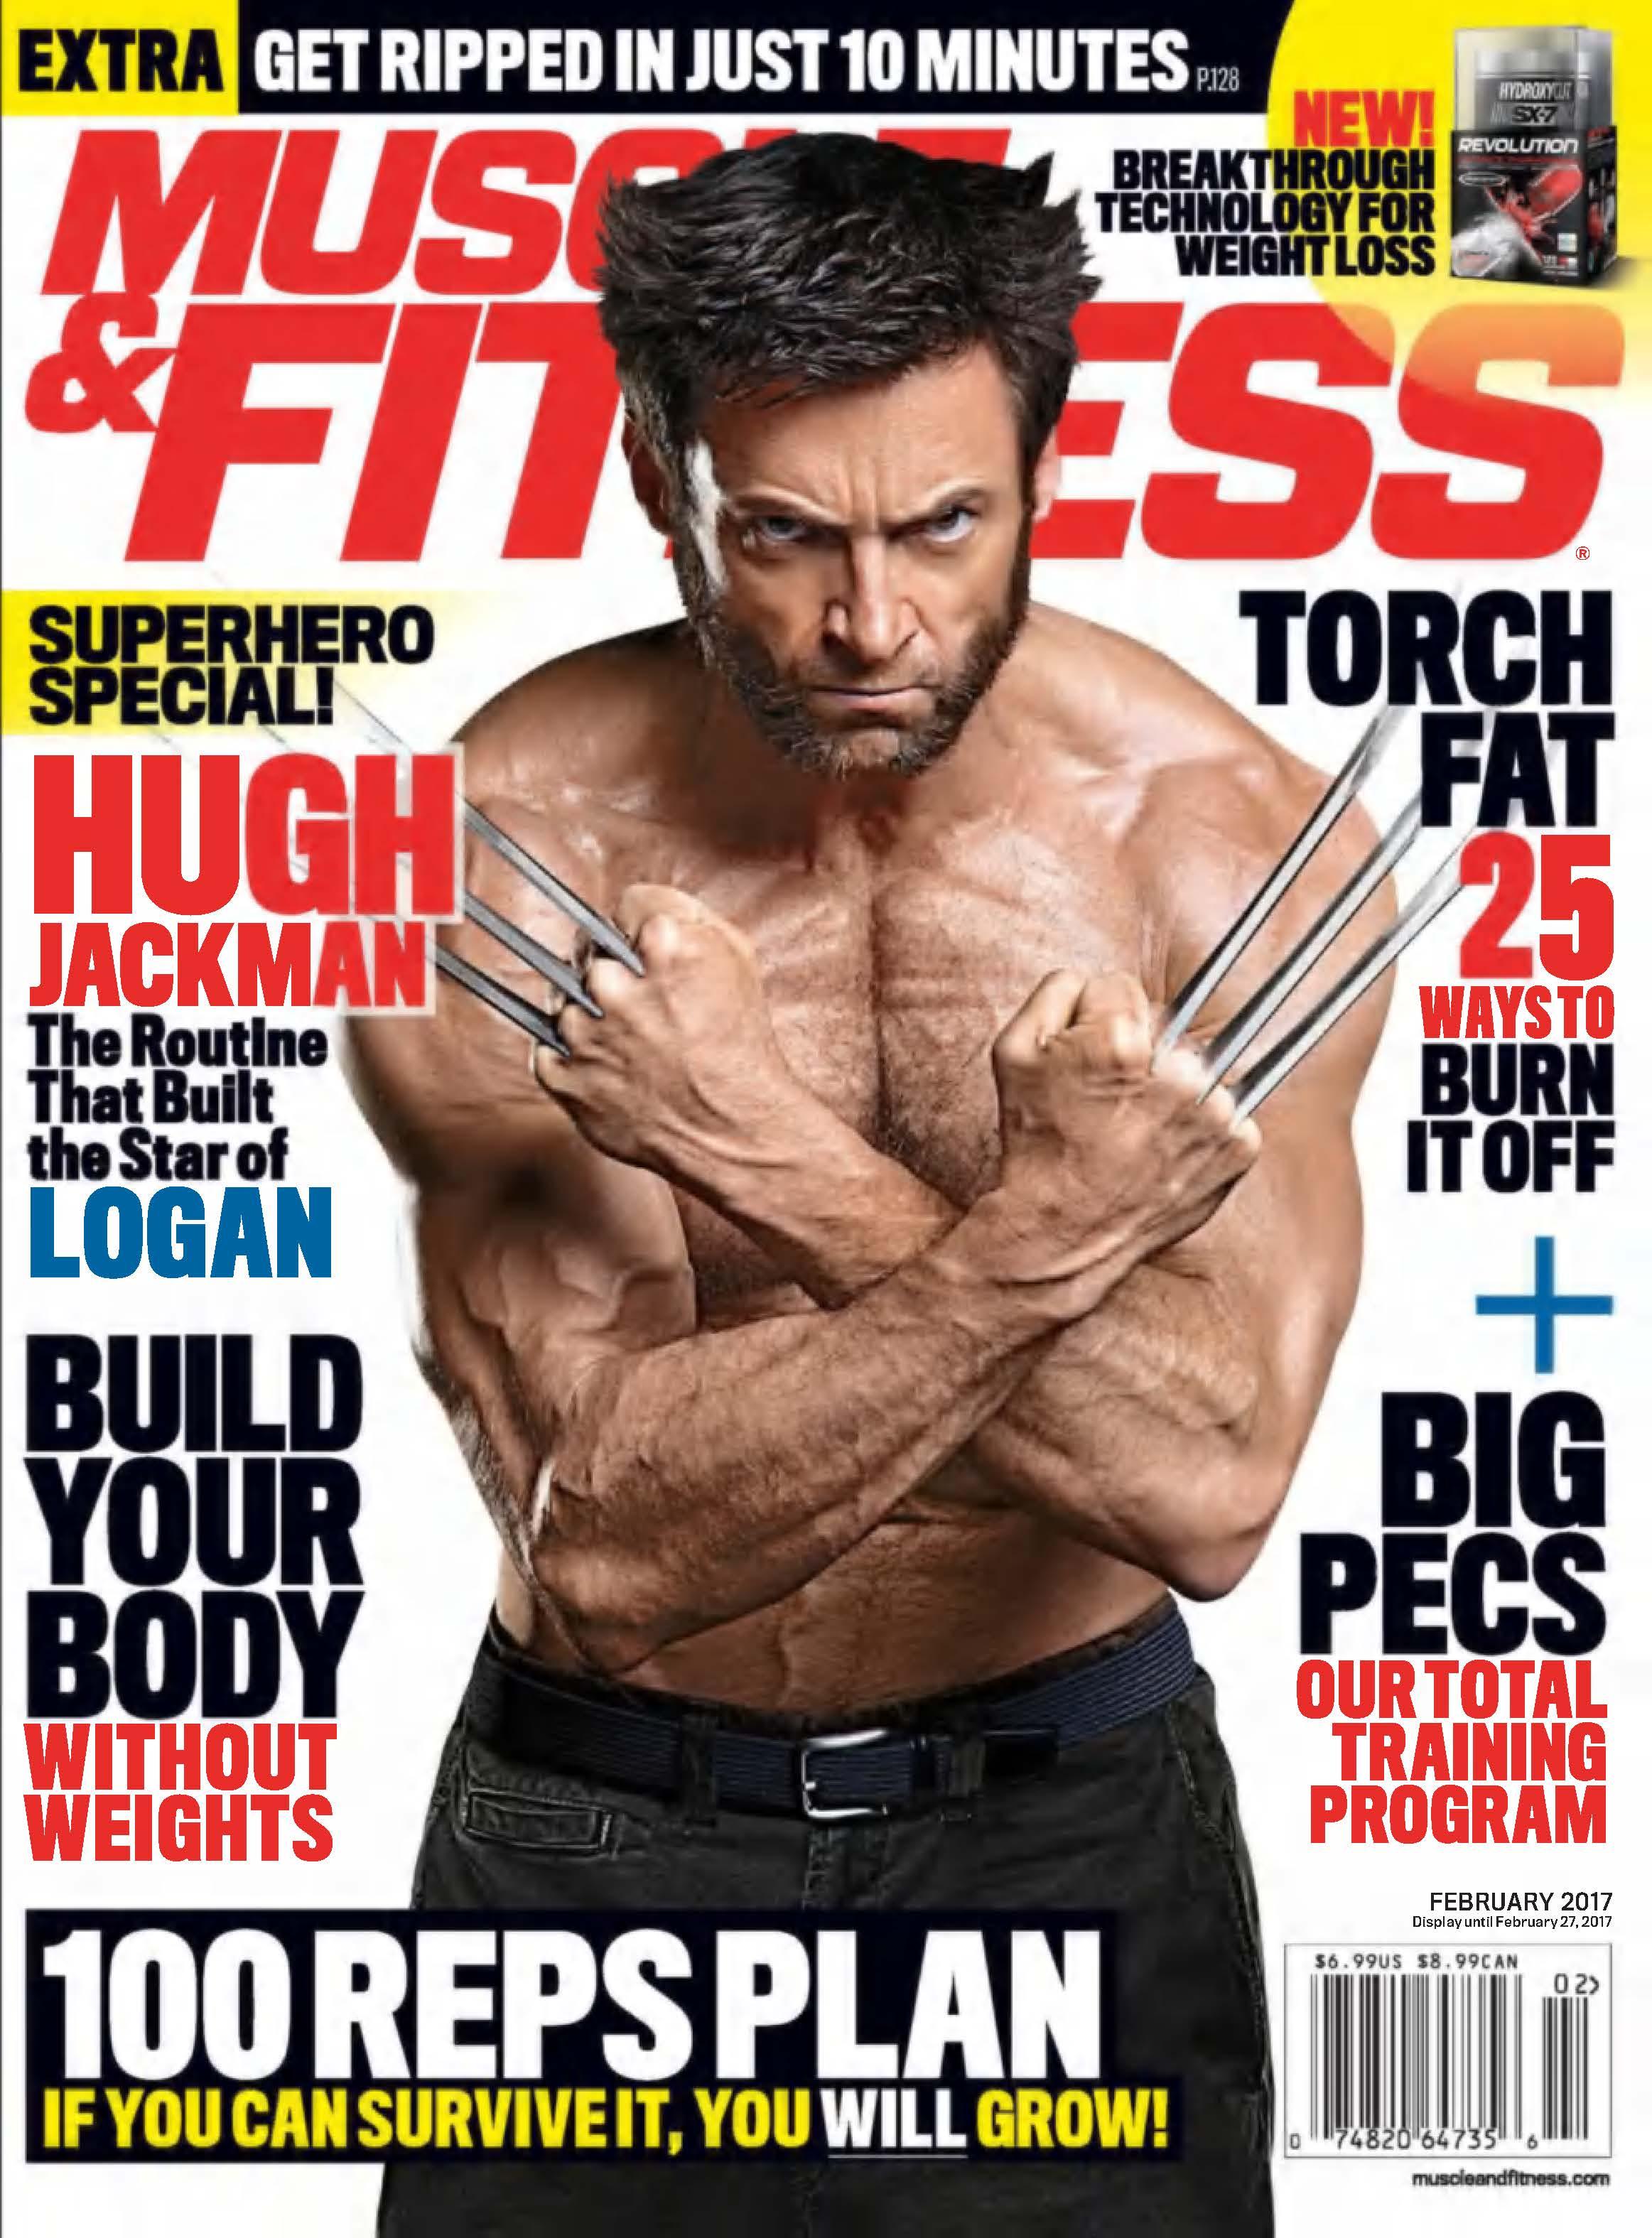 Hugh Jackman Musculation le dernier wolverine pour hugh jackman ? : forum nutrimuscle